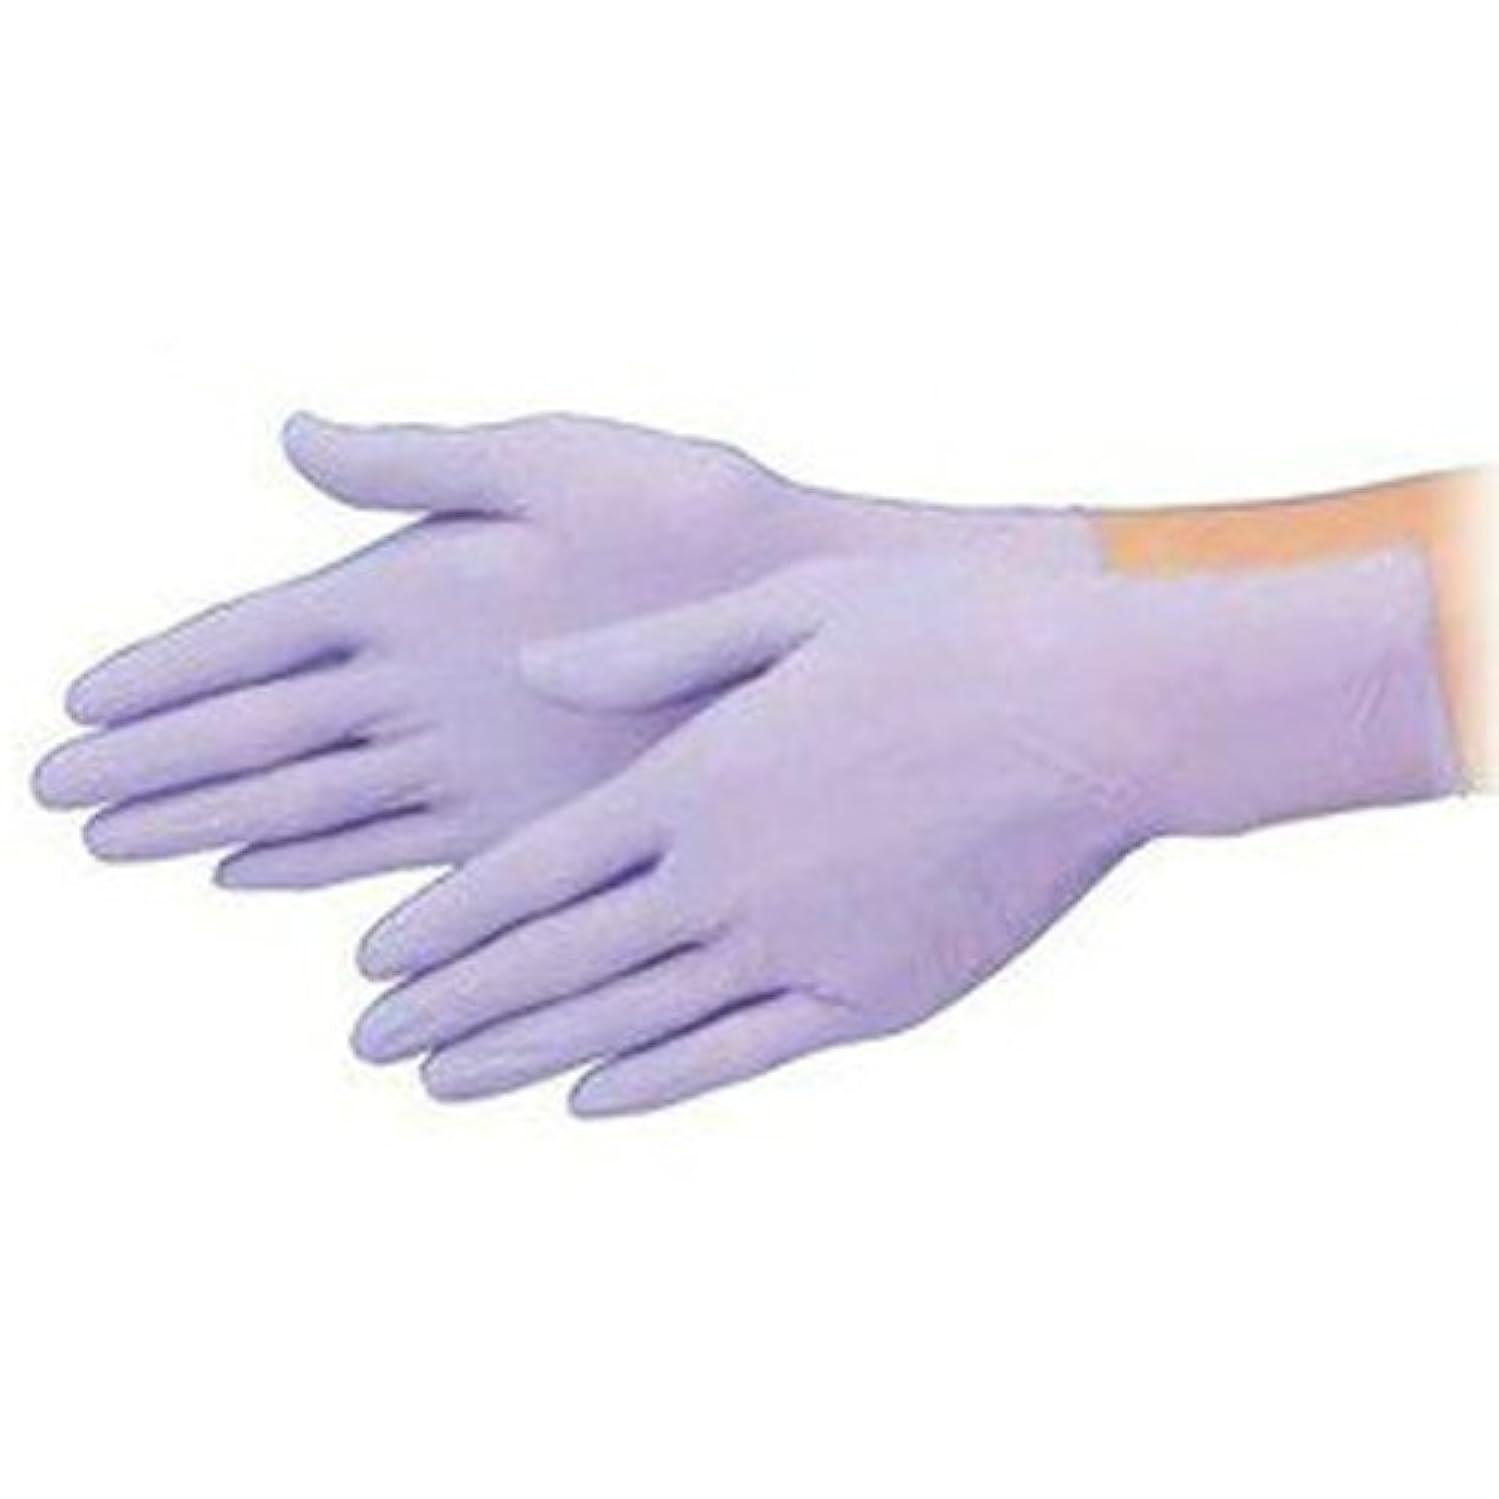 不承認カヌー第四使い捨て 手袋 エブノ 522 スタンダードニトリルライト パープル Sサイズ パウダーフリー 2ケース(100枚×60箱)